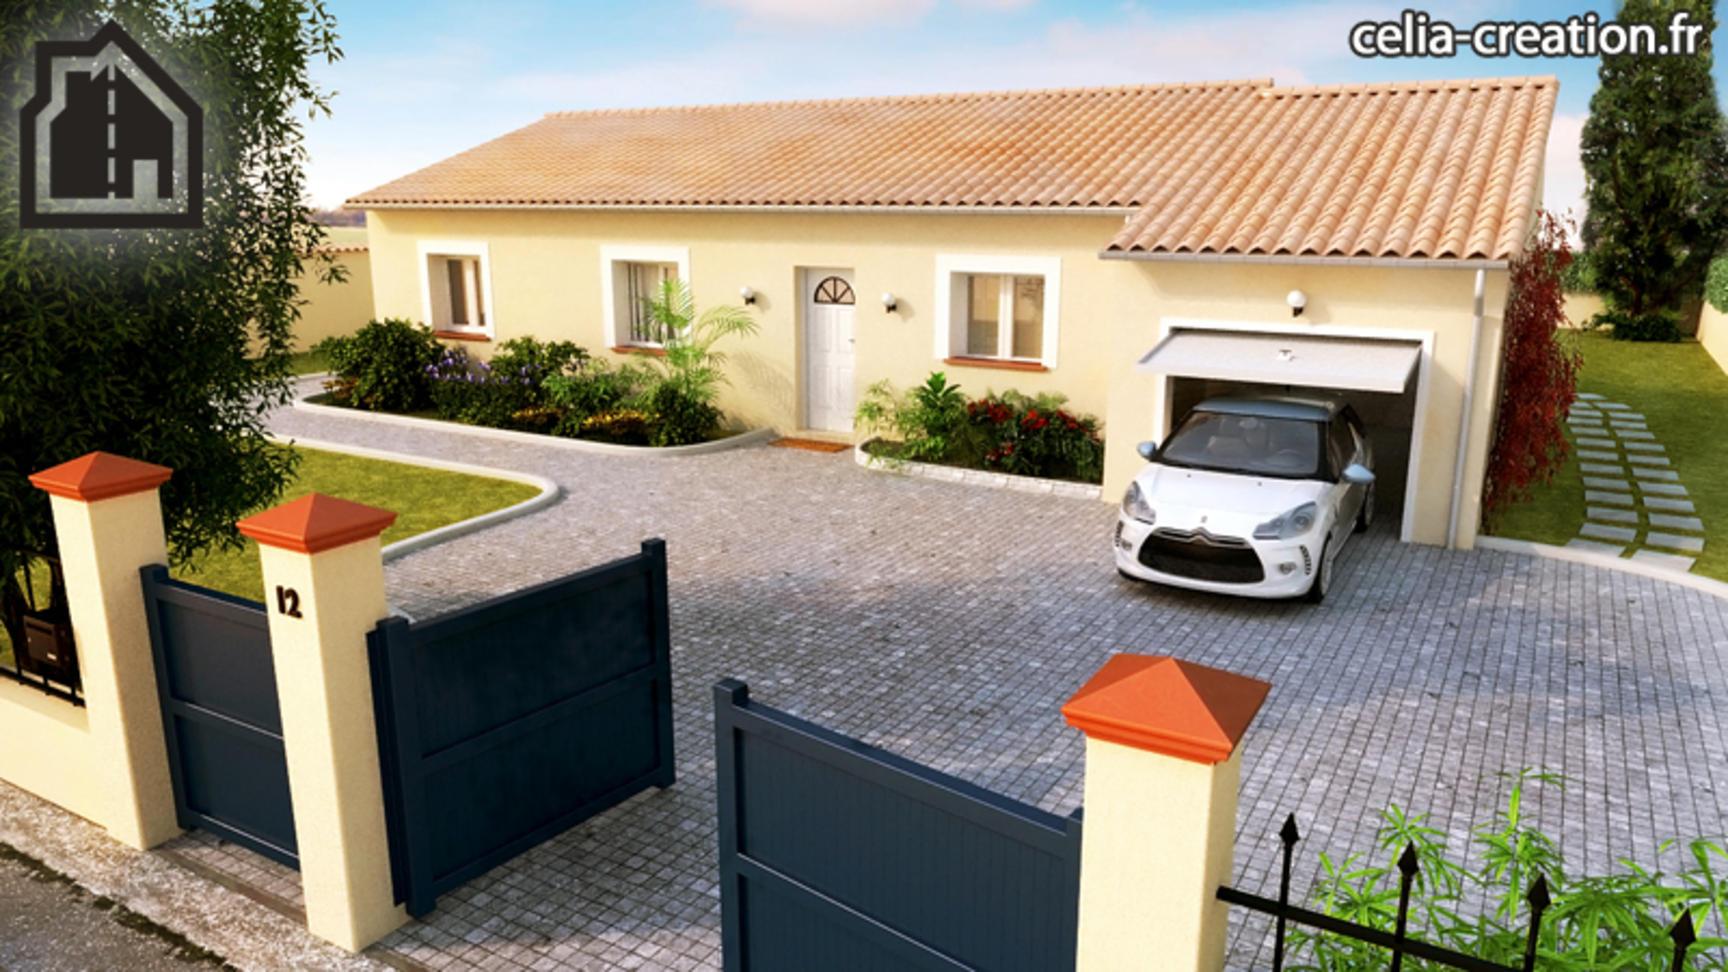 Annonce vente maison carbonne 31390 100 m 194 715 - Logiciel conception maison ...